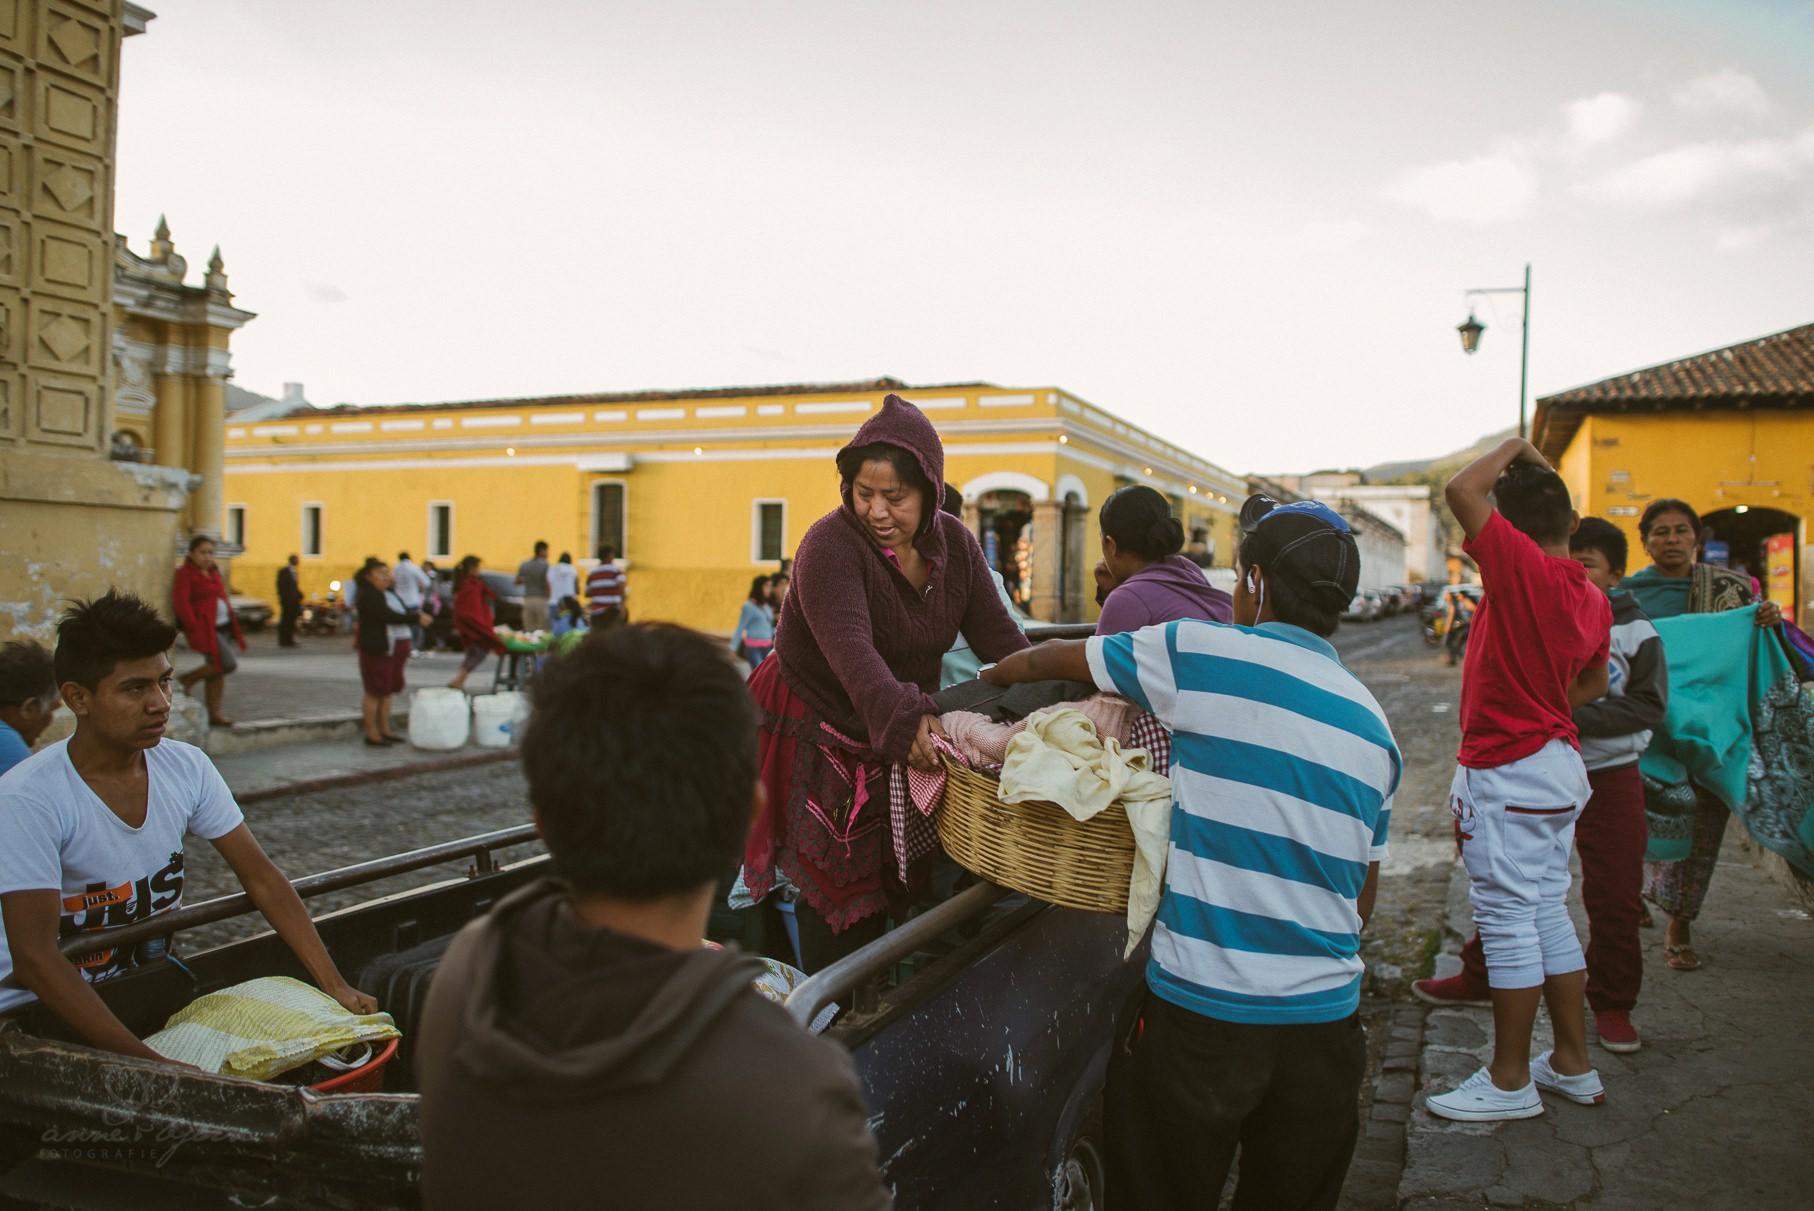 0025 anne und bjoern guatemala 811 2699 - 4 Wochen durch Guatemala - backpacking durch Mittelamerika